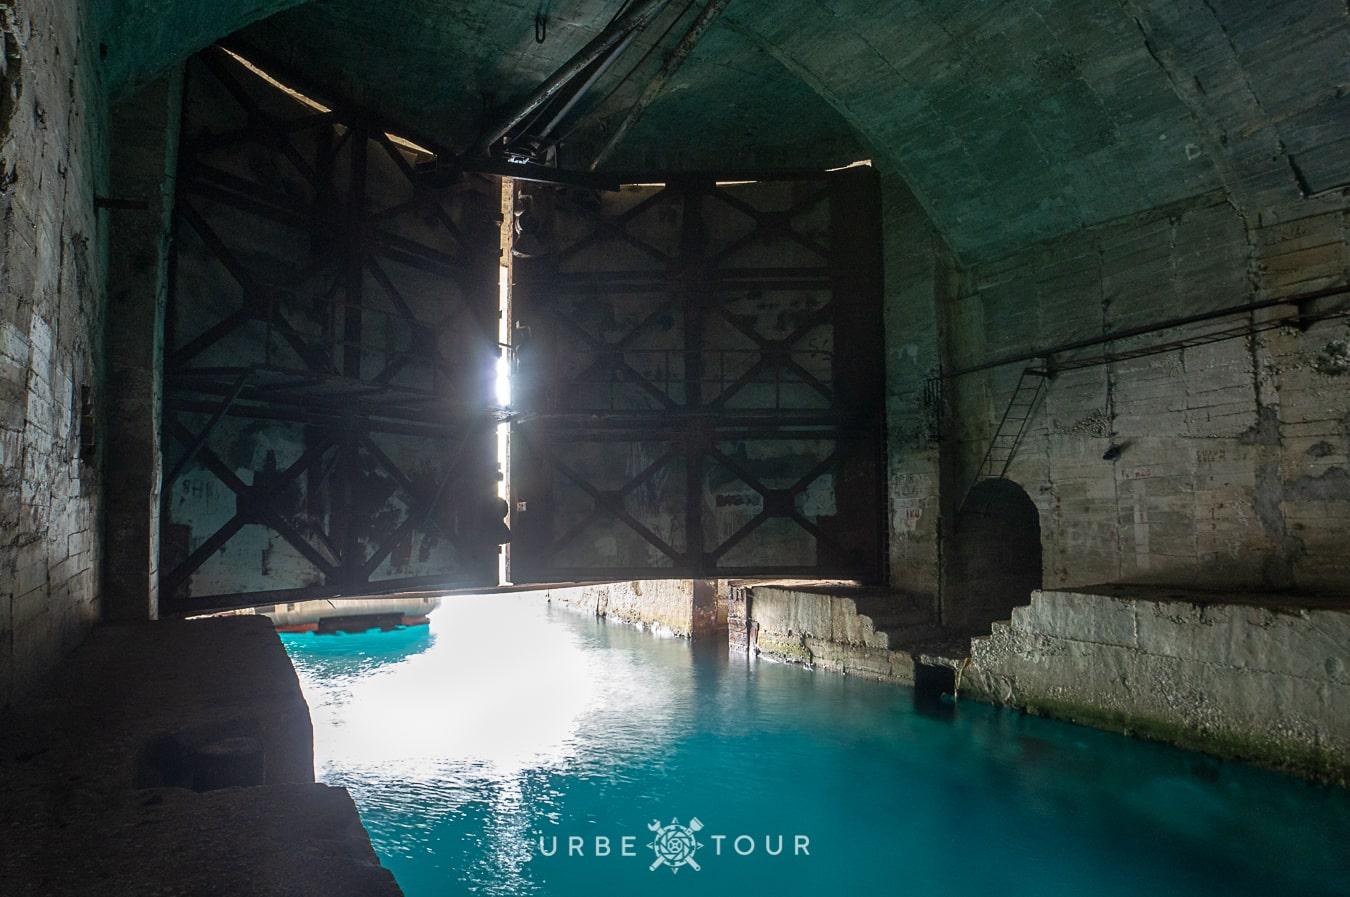 porto-palermo-submarine-base-albania-6-1 Подземная база для подводных лодок в Порто Палермо, Албания